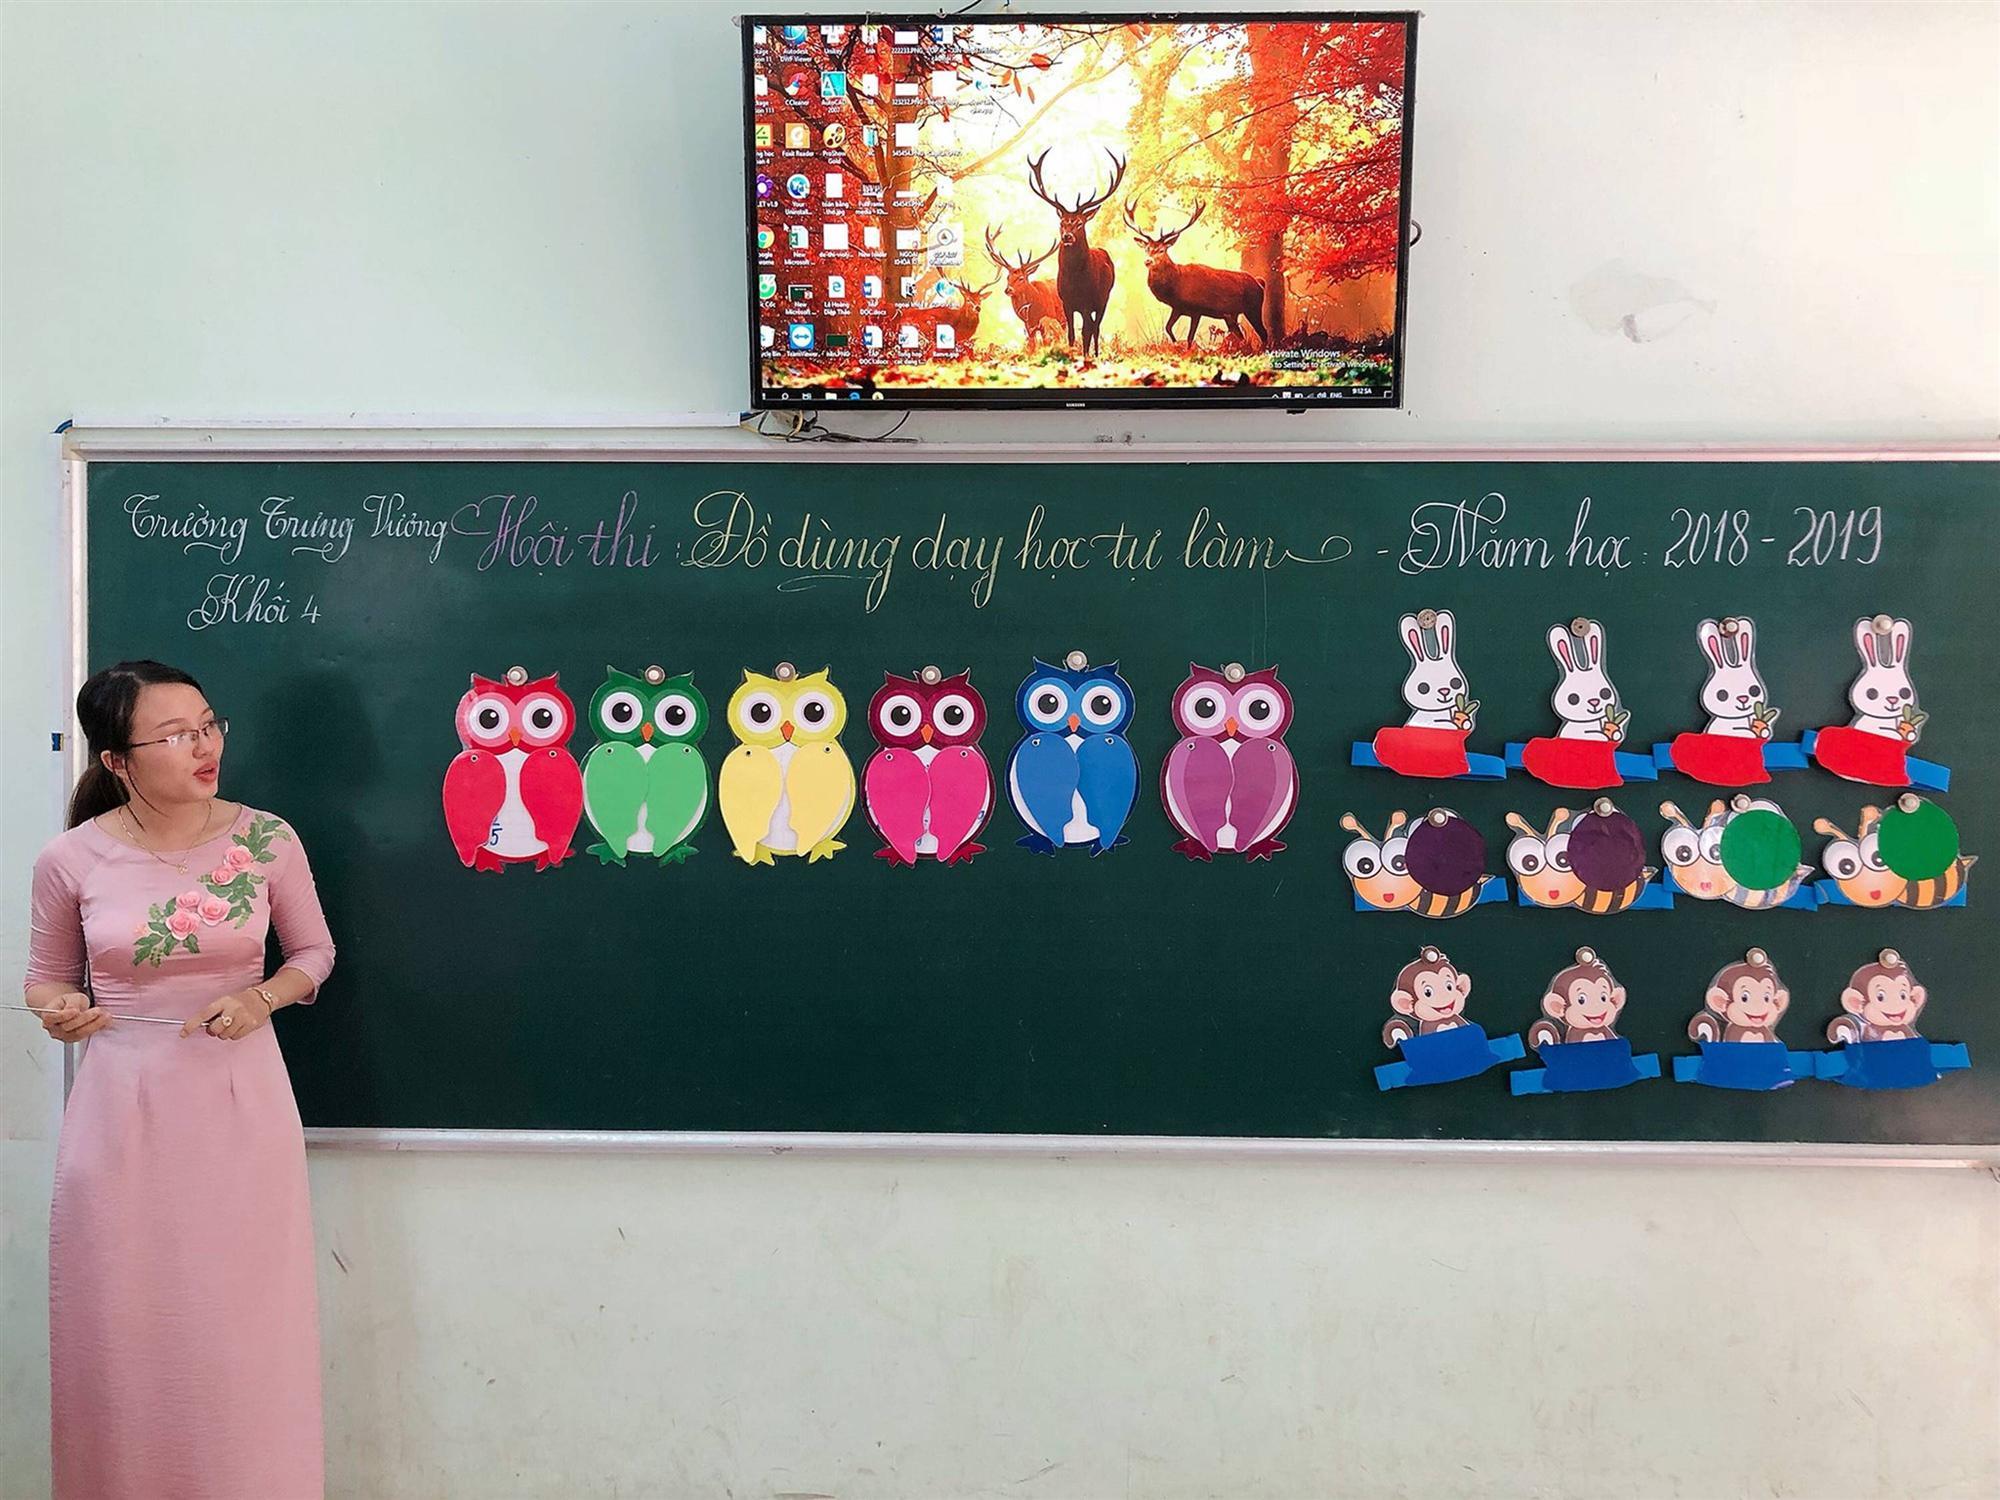 Các cô giáo viết đẹp hơn đánh máy ở Quảng Trị tiếp tục gây sốt với khả năng sáng tạo đồ dùng dạy học không giới hạn-4